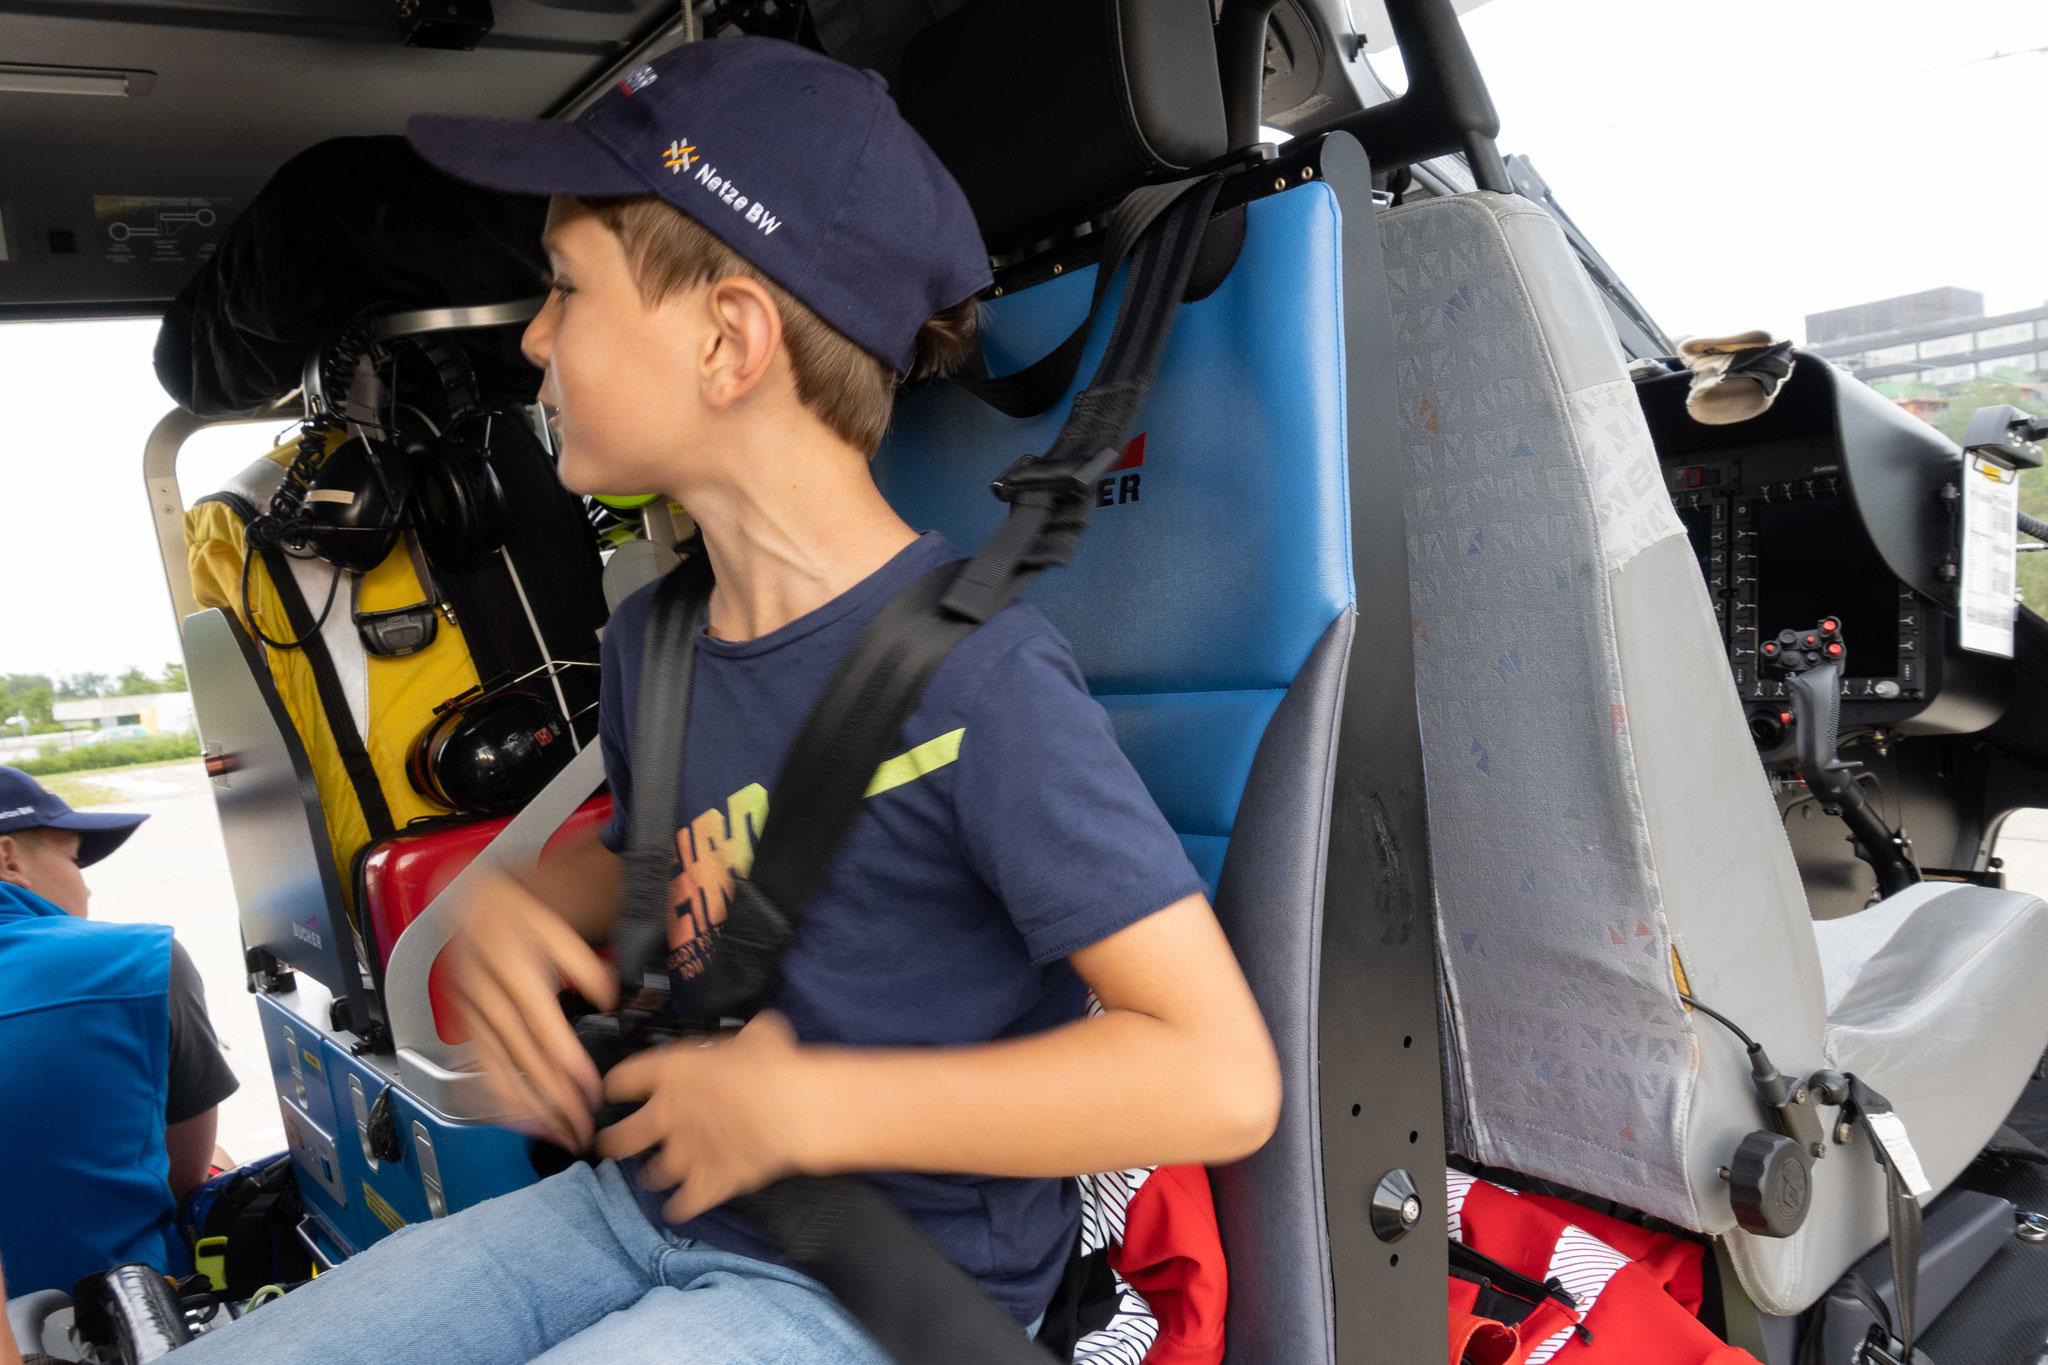 Feuerwehr Ermengerst - Jugendfeuerwehr - 06.08.2019 Christoph 22